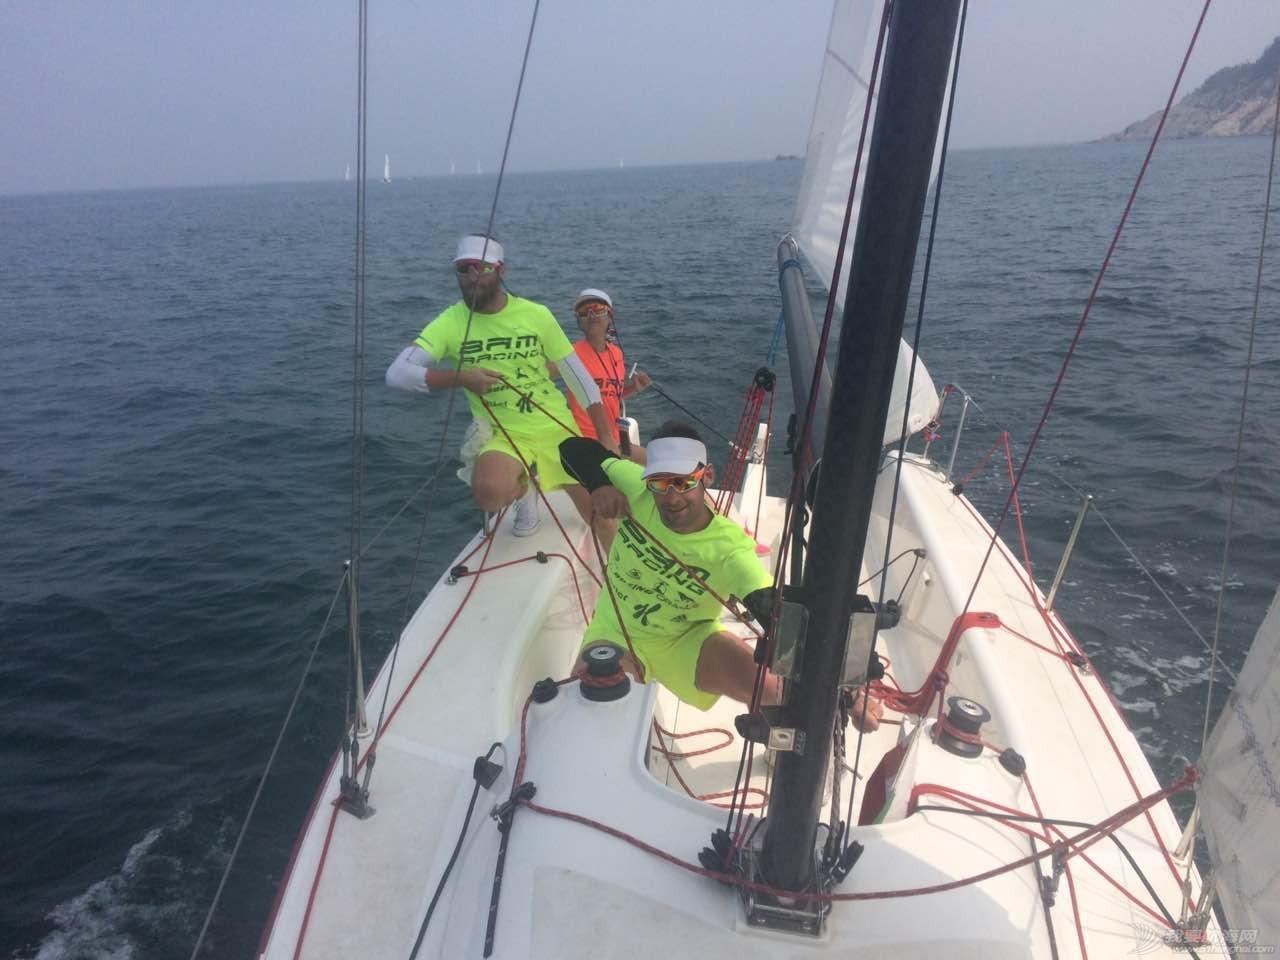 美国,朋友,帆船,国际,威海 帆船初体验——记参加威海杯国际帆船赛 乘风破浪